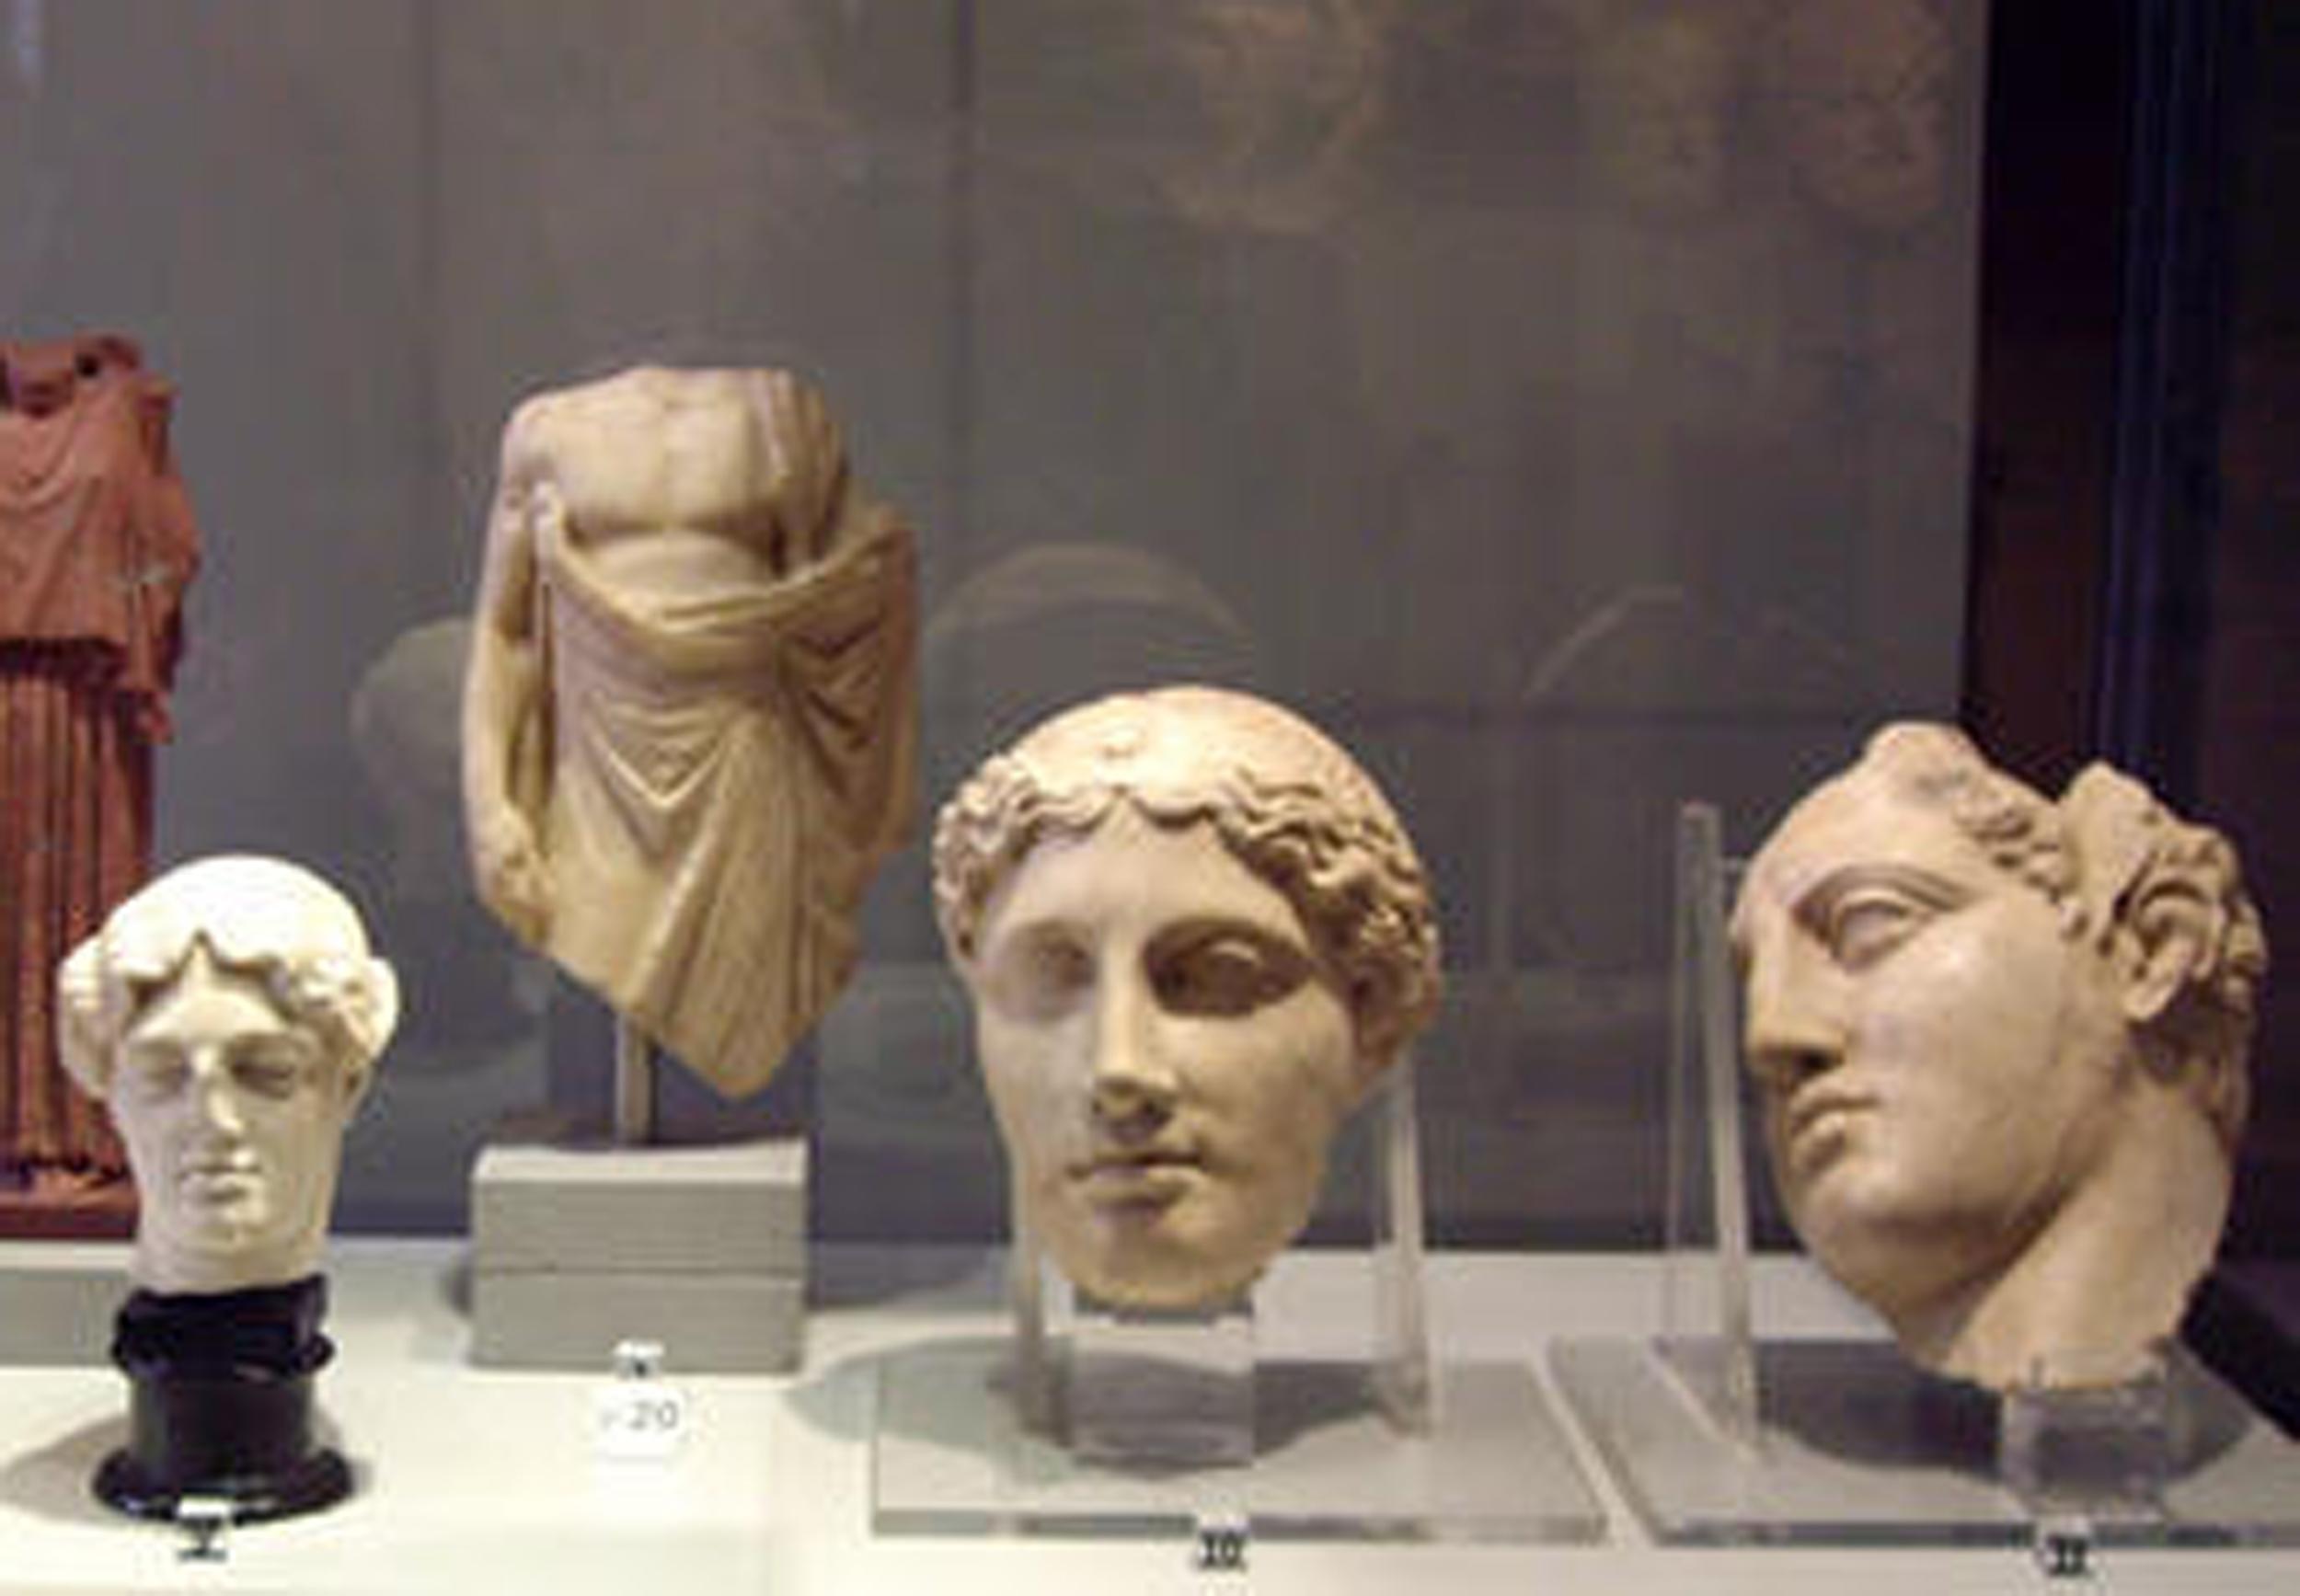 museo tiziano fregio_arte_greca_large